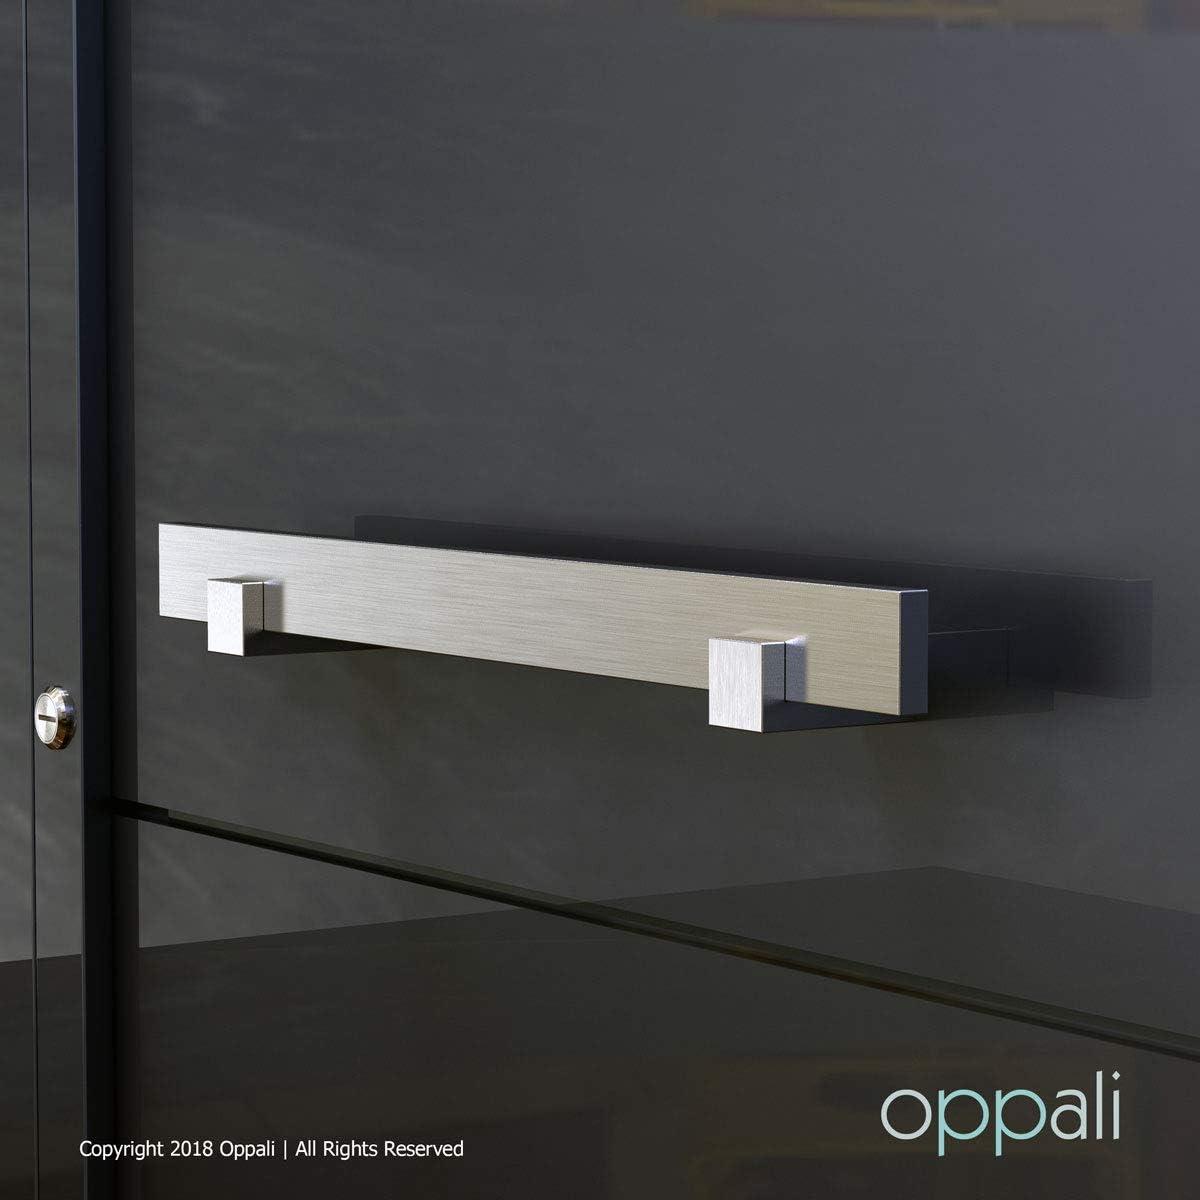 40cm - 16 Inches Longueur Oppali Poign/ée carr/ée en acier inoxydable Poign/ée de porte dentr/ée Art.580 T-bar